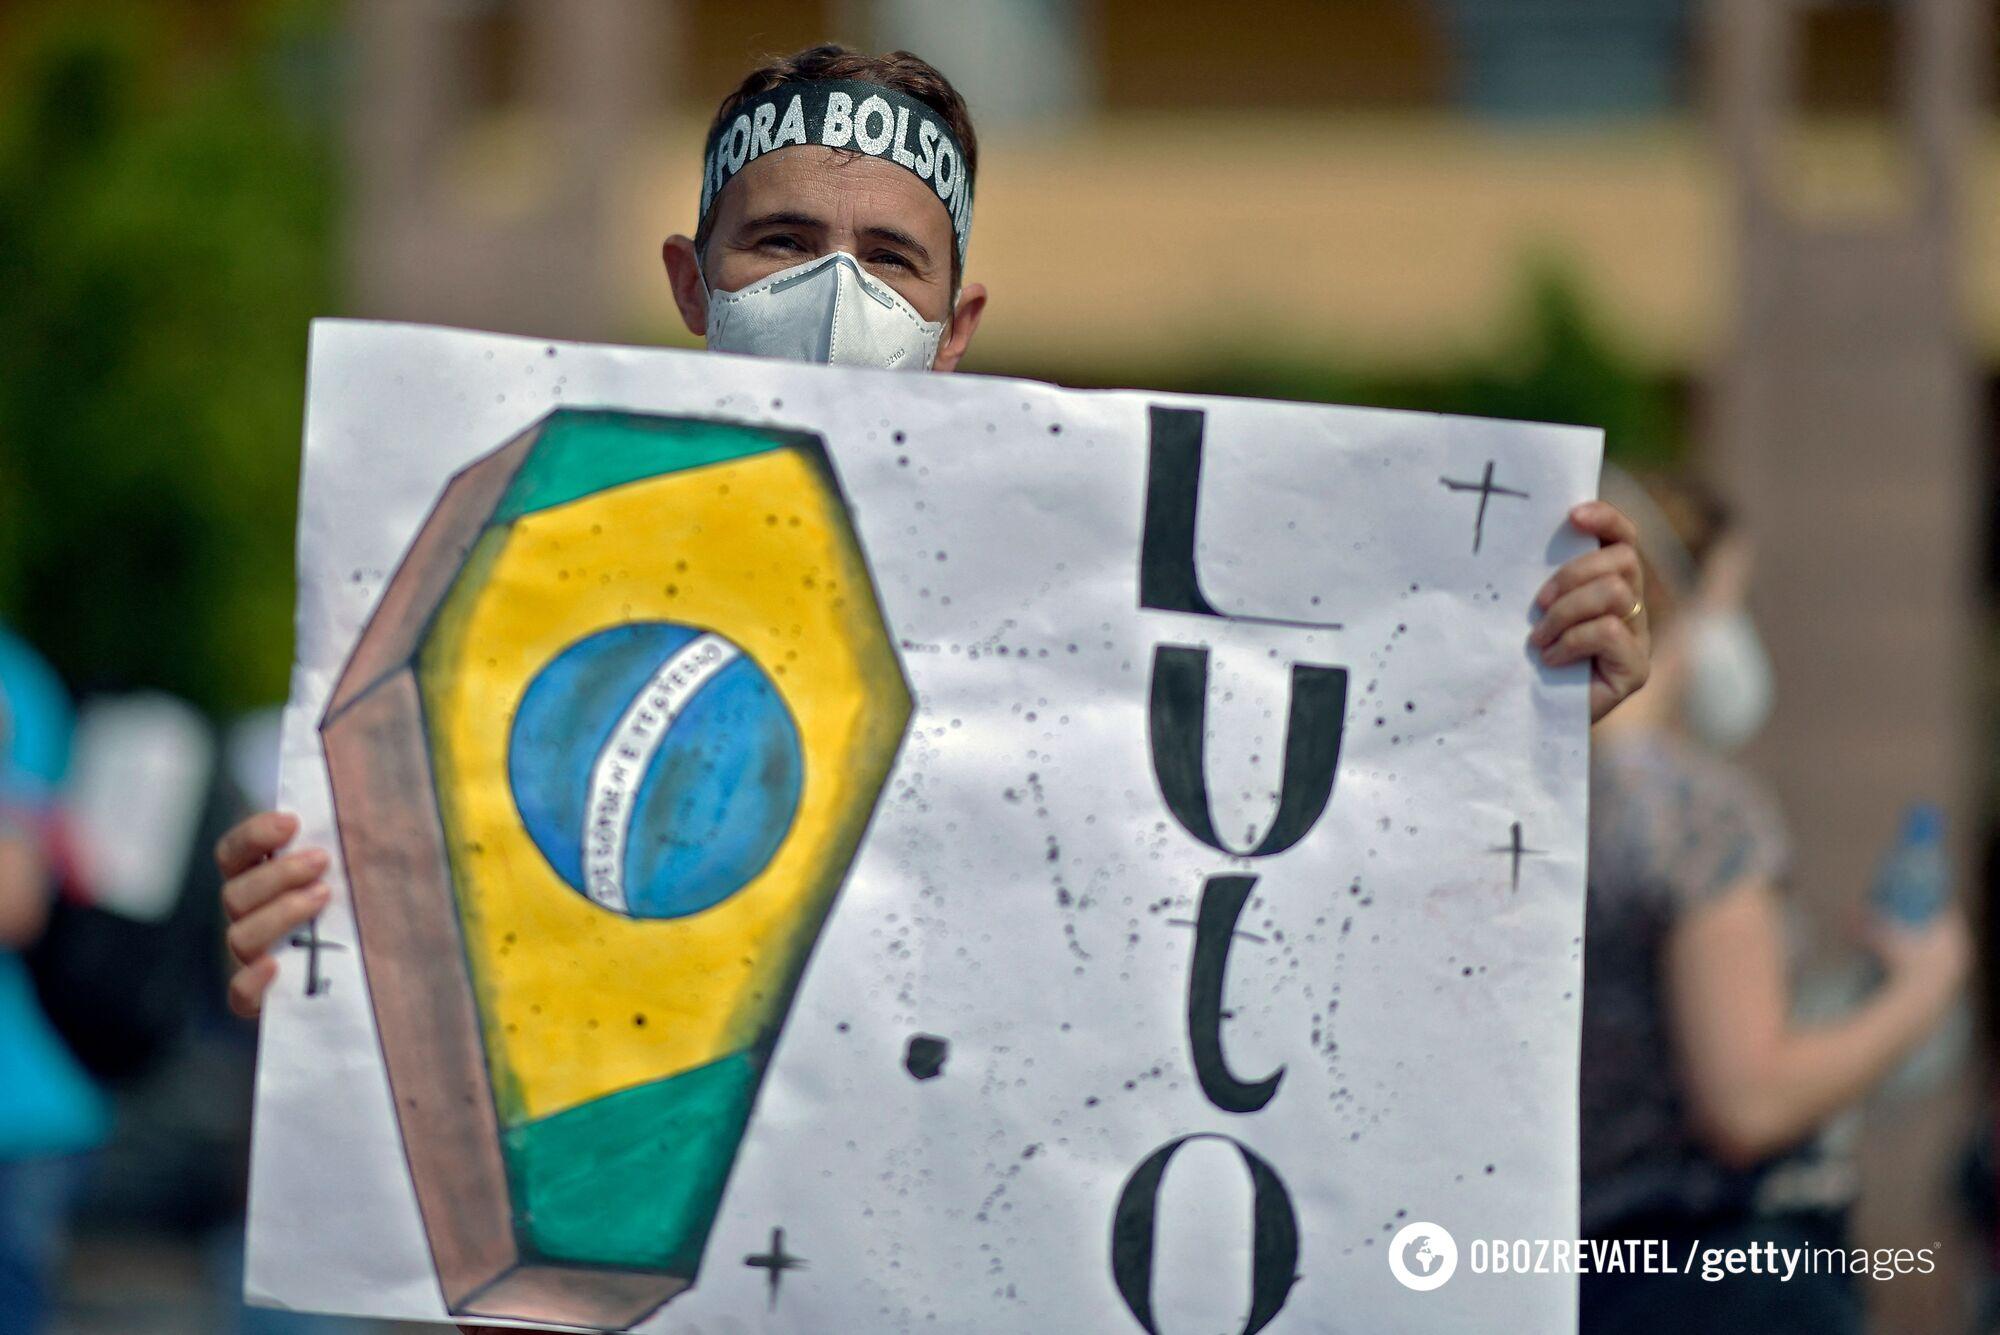 Антиправительственный протест в Бразилии из-за ситуации с коронавирусом